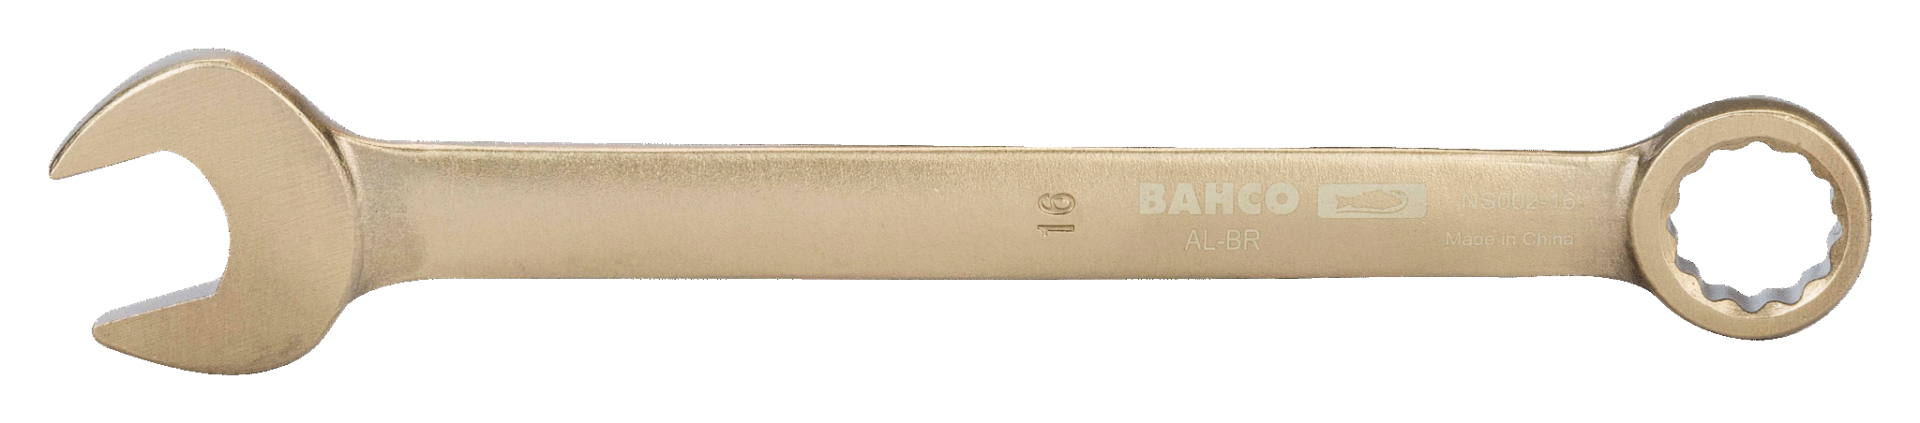 Klucz płasko-oczkowy nieiskrzący 20 mm Bahco (nr kat. NS002-20)